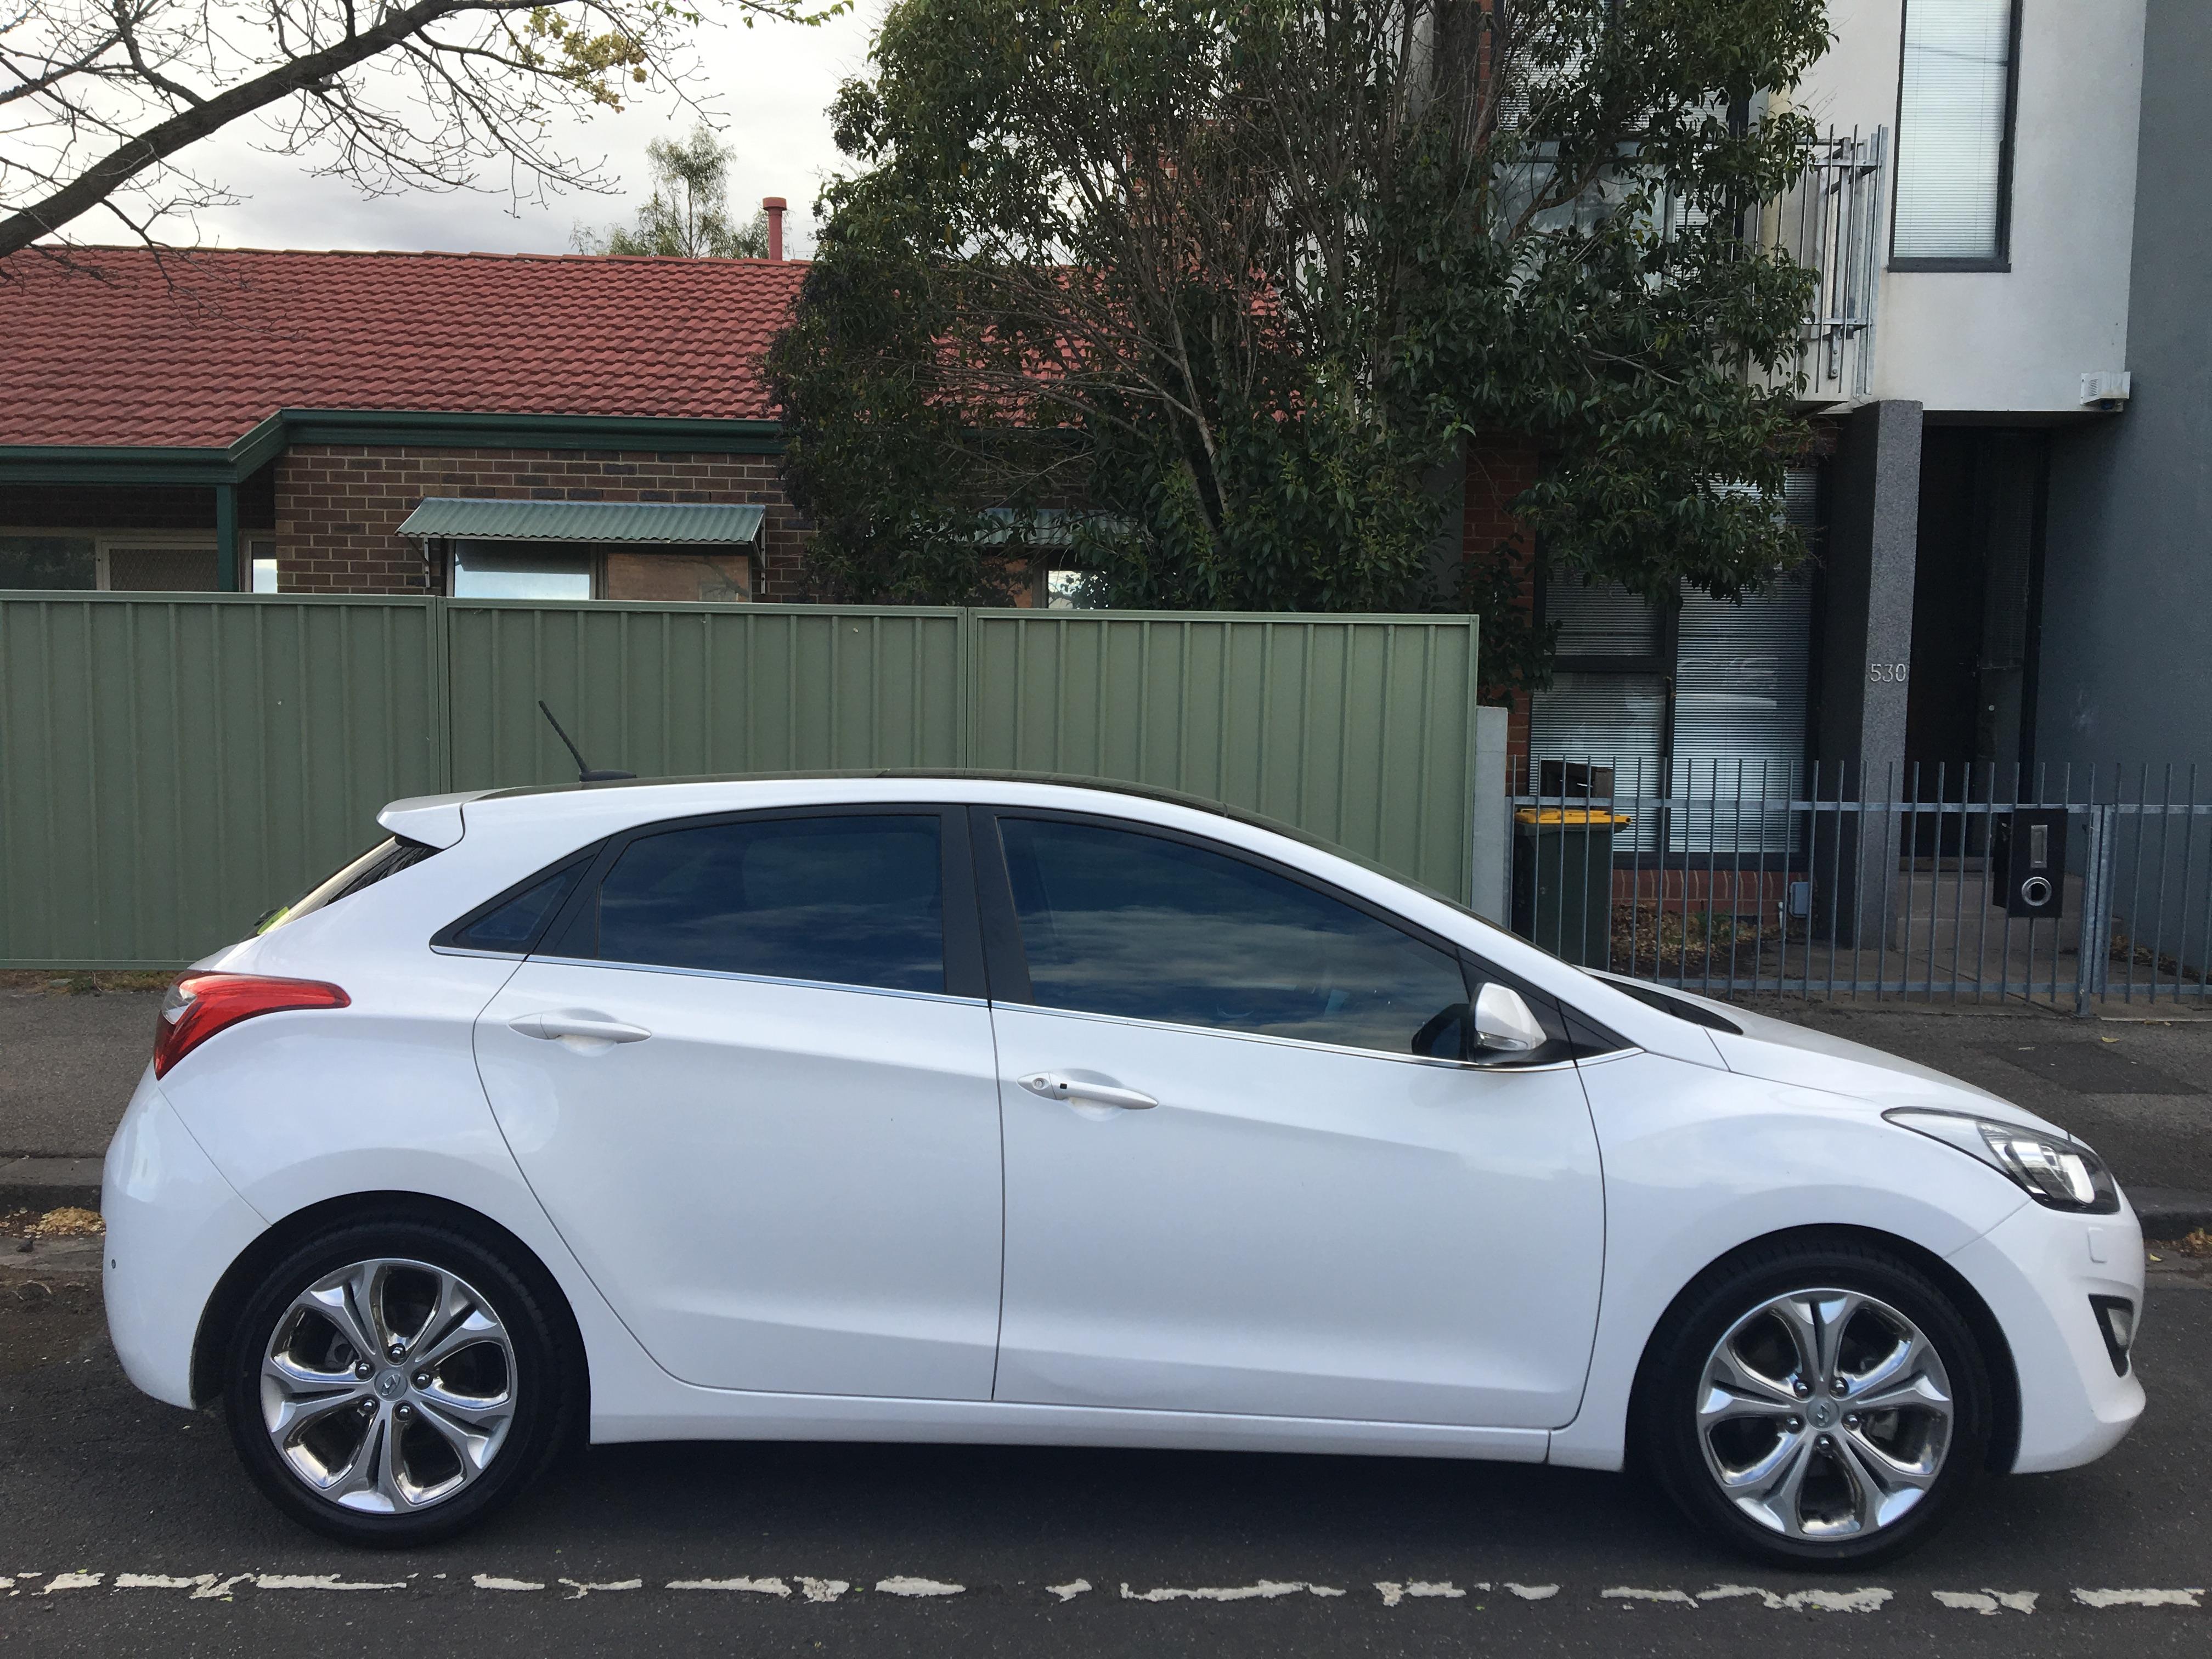 Picture of Liam's 2013 Hyundai i30